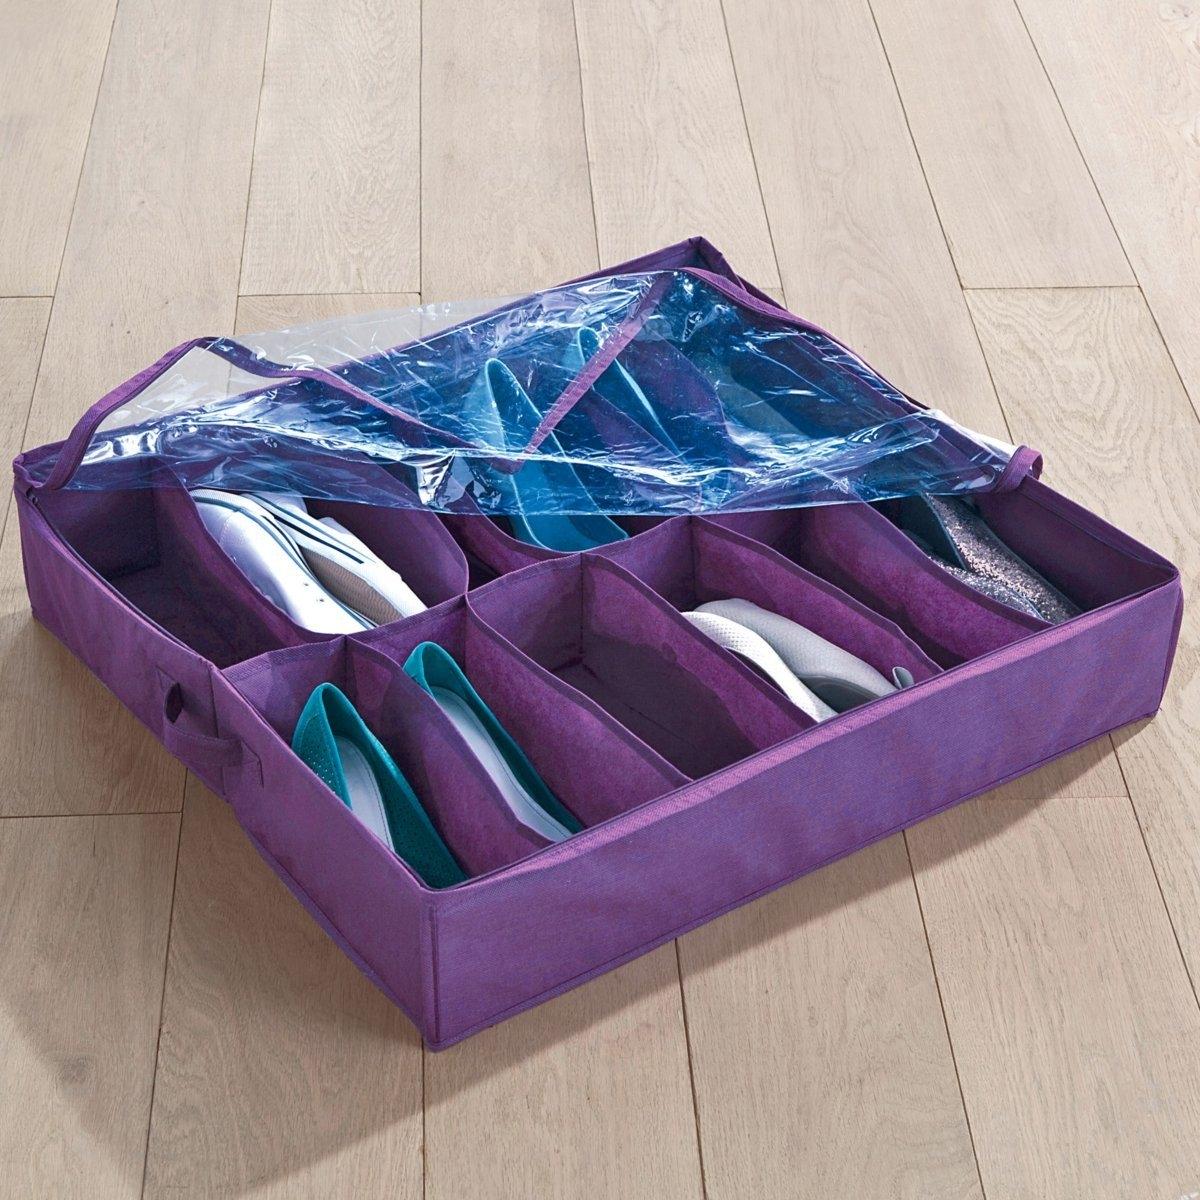 Чехол для обувиЧехол для обуви с отделениями. Вмещает до 12 пар обуви и защищает ее от пыли и грязи. Экономит место, можно поместить под кроватью или в нижней части шкафа.Описание чехла для обуви:- Позвляет хранить до 12 пар обуви.- 2 ручки.- Нетканный материал из полипропилена.- Клапан из прозрачного ПВХ надежно защищает обувь от пыли.Размеры:- Общие: Длин.65 x Выс.15 x Шир.60 см.<br><br>Цвет: фиолетовый